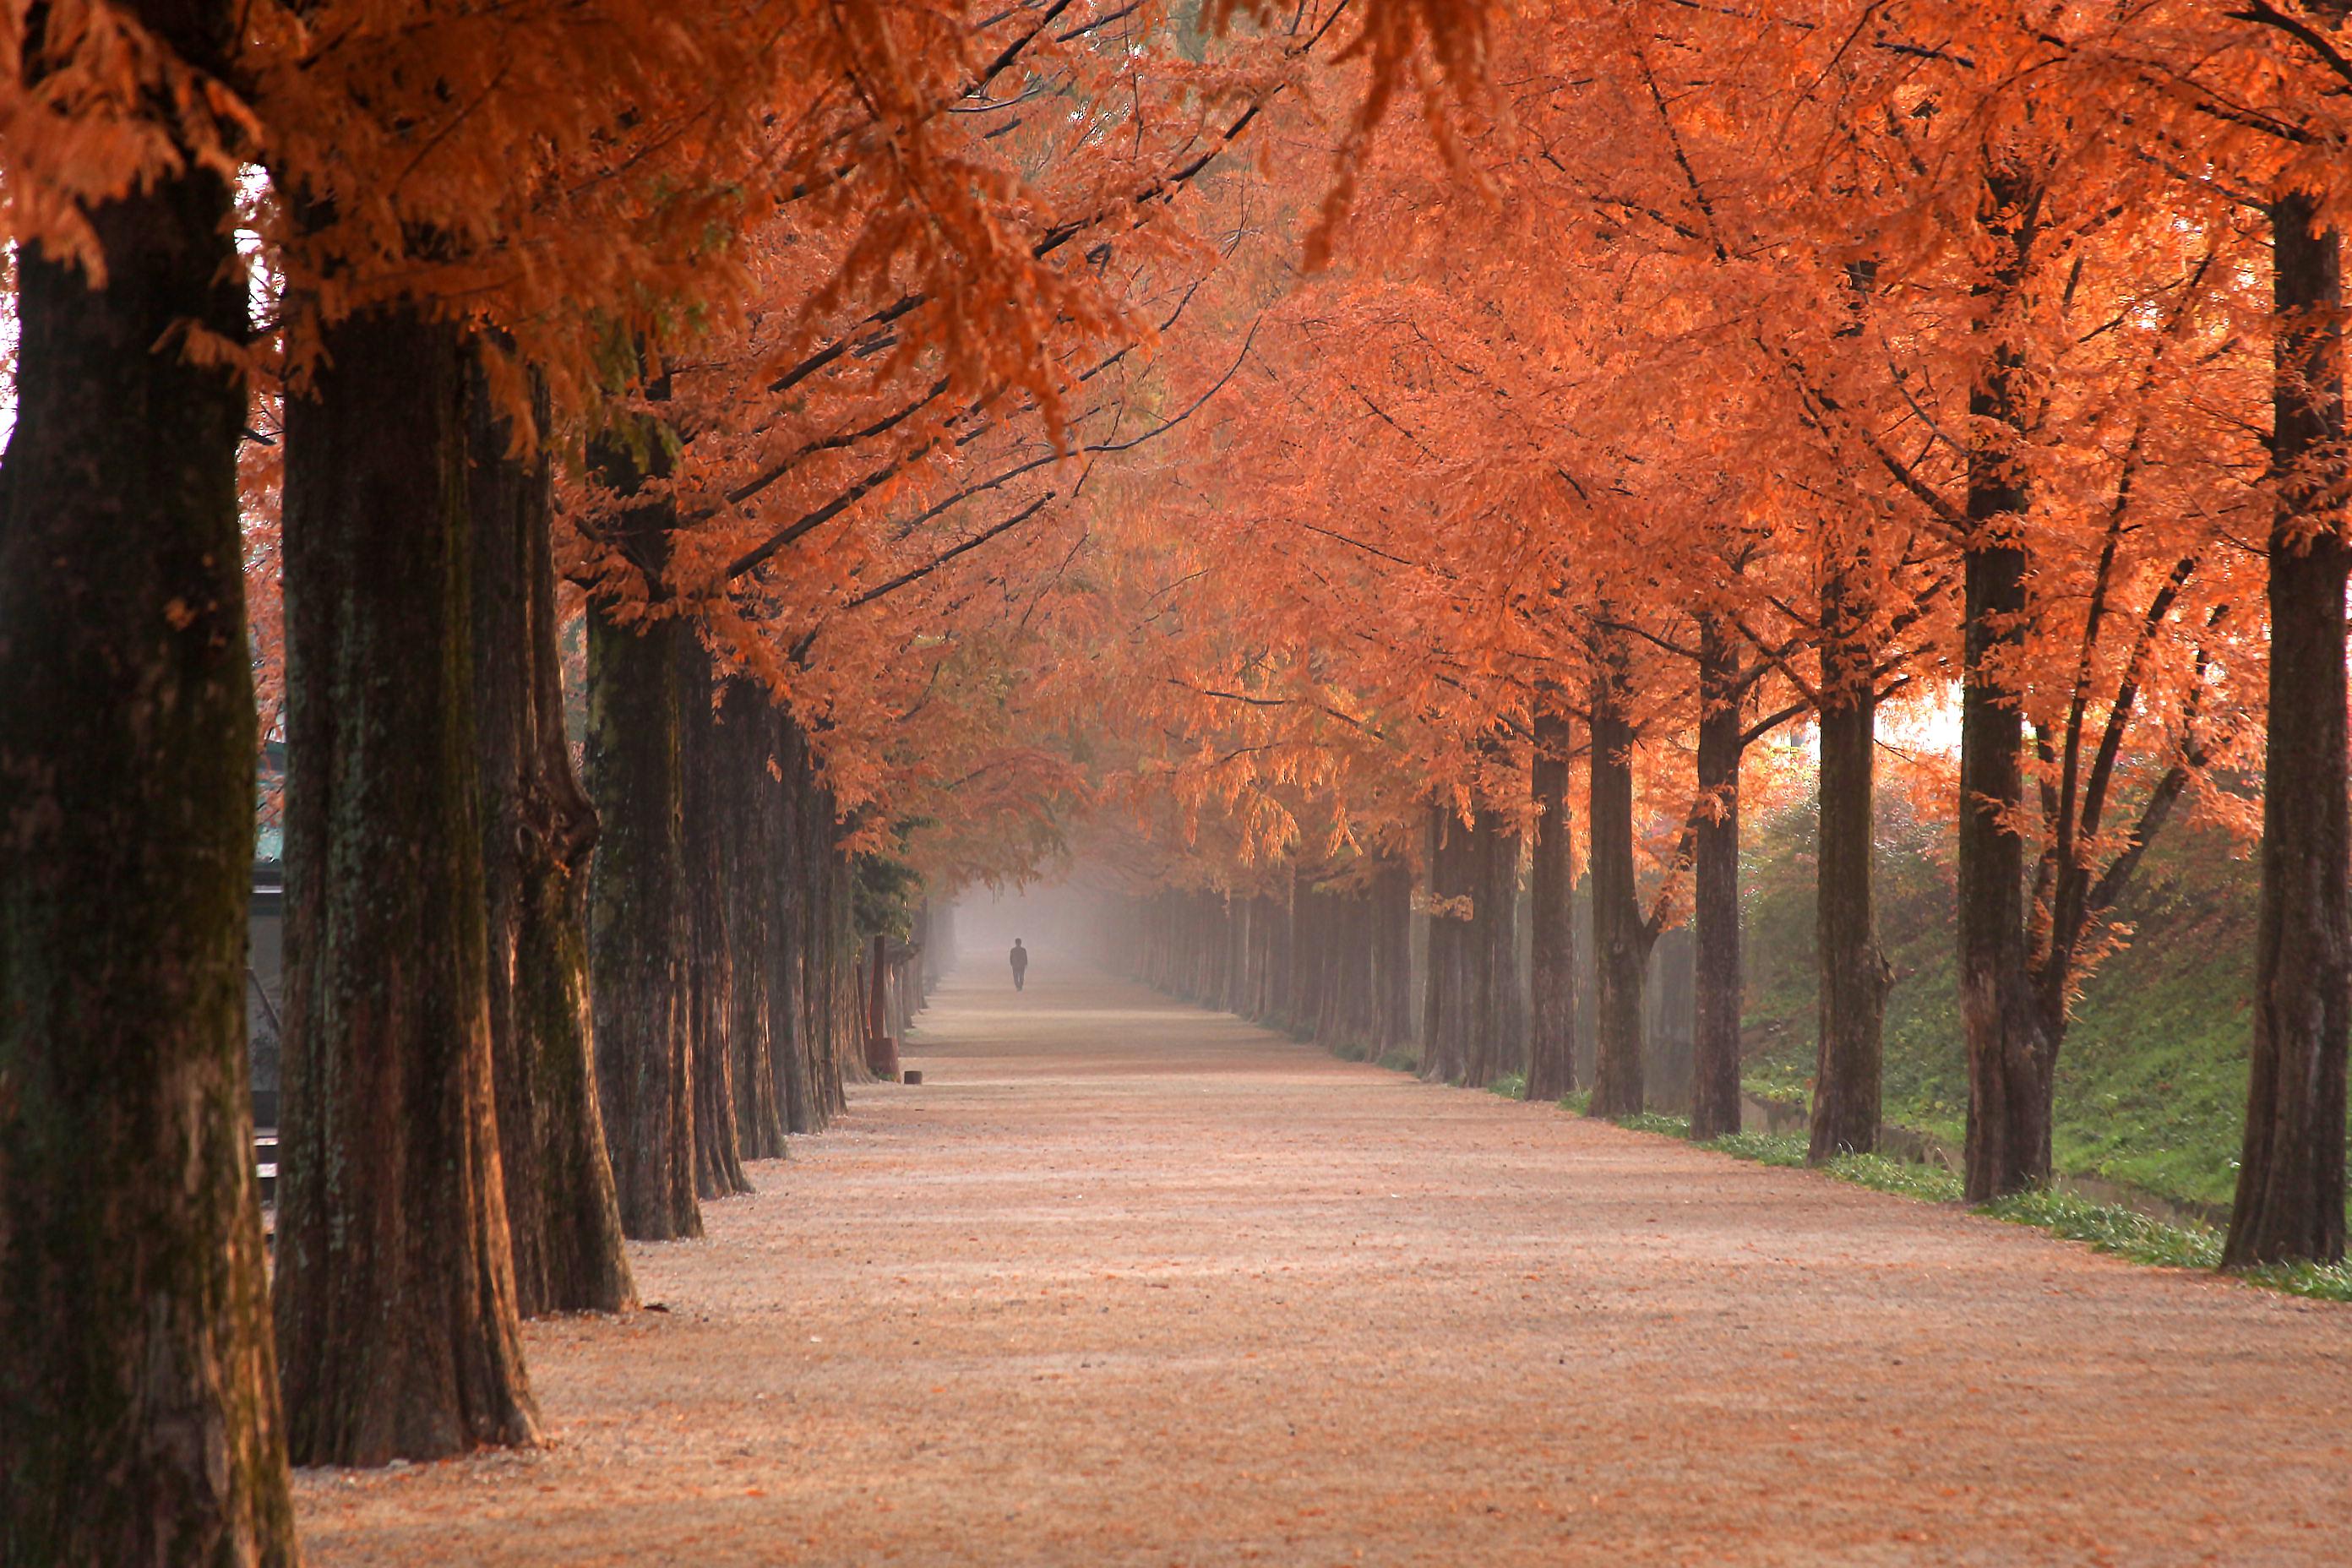 Images Gratuites Paysage Arbre La Nature Foret Chemin Branche